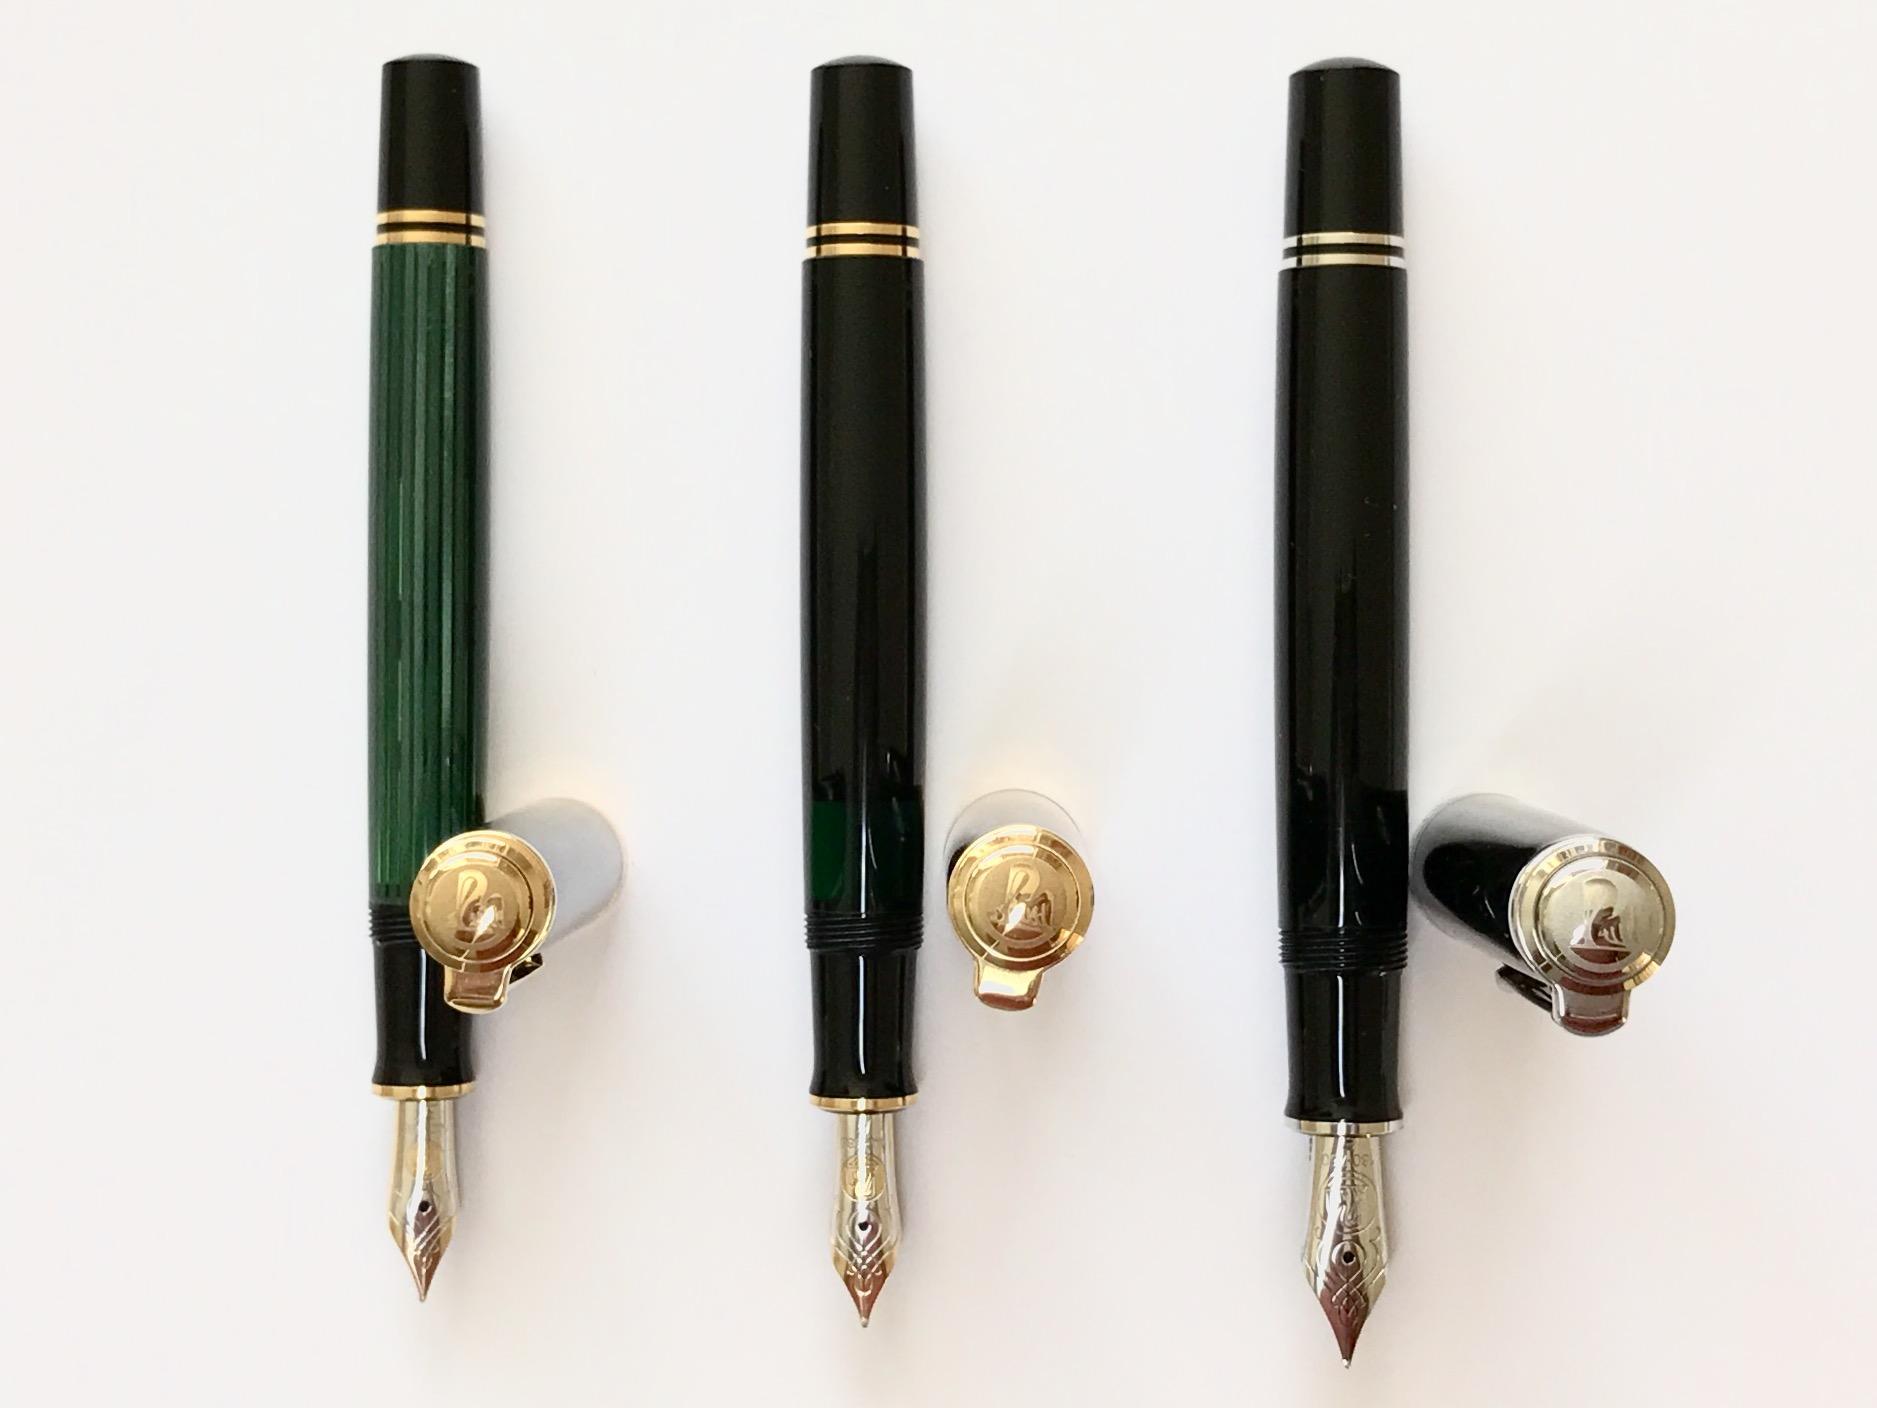 Fountain Pen Pete Denison Parts Diagram Pelikan Siblings L To R M400 M600 M805